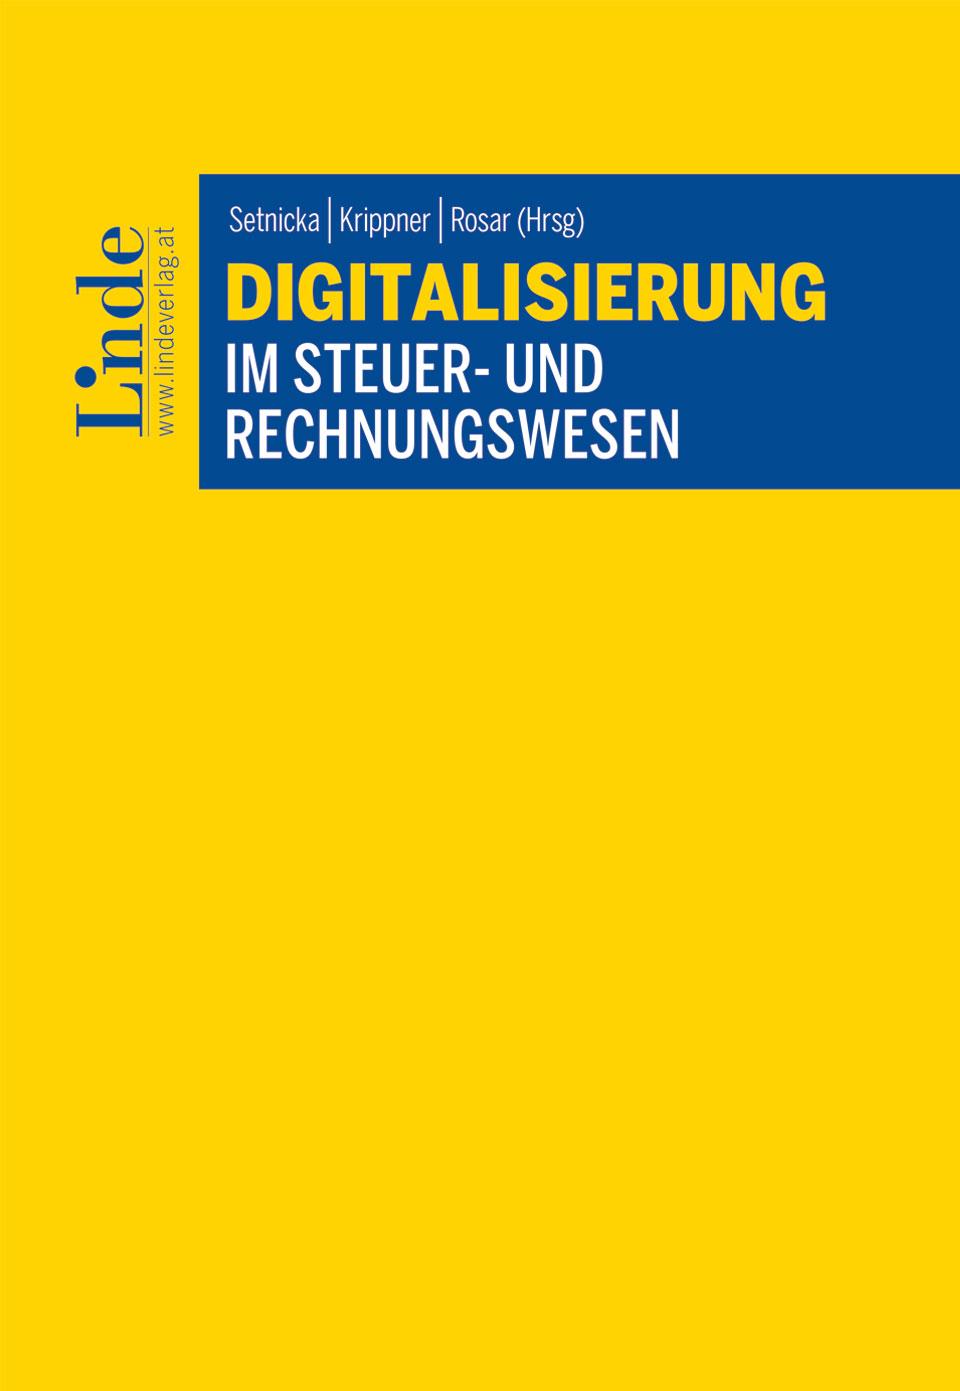 Buchprojekt: Digitalisierung im Steuer- und Rechnungswesen